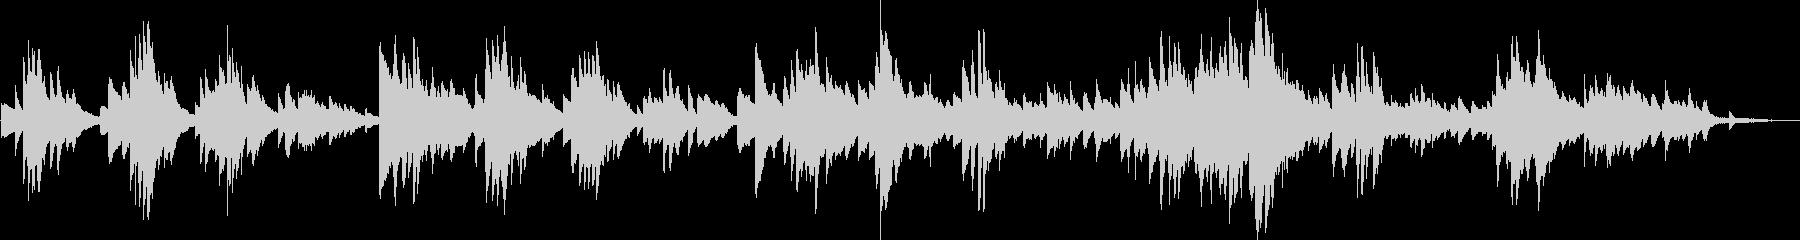 悲劇的な裏切りのピアノ曲(暗い、切ない)の未再生の波形